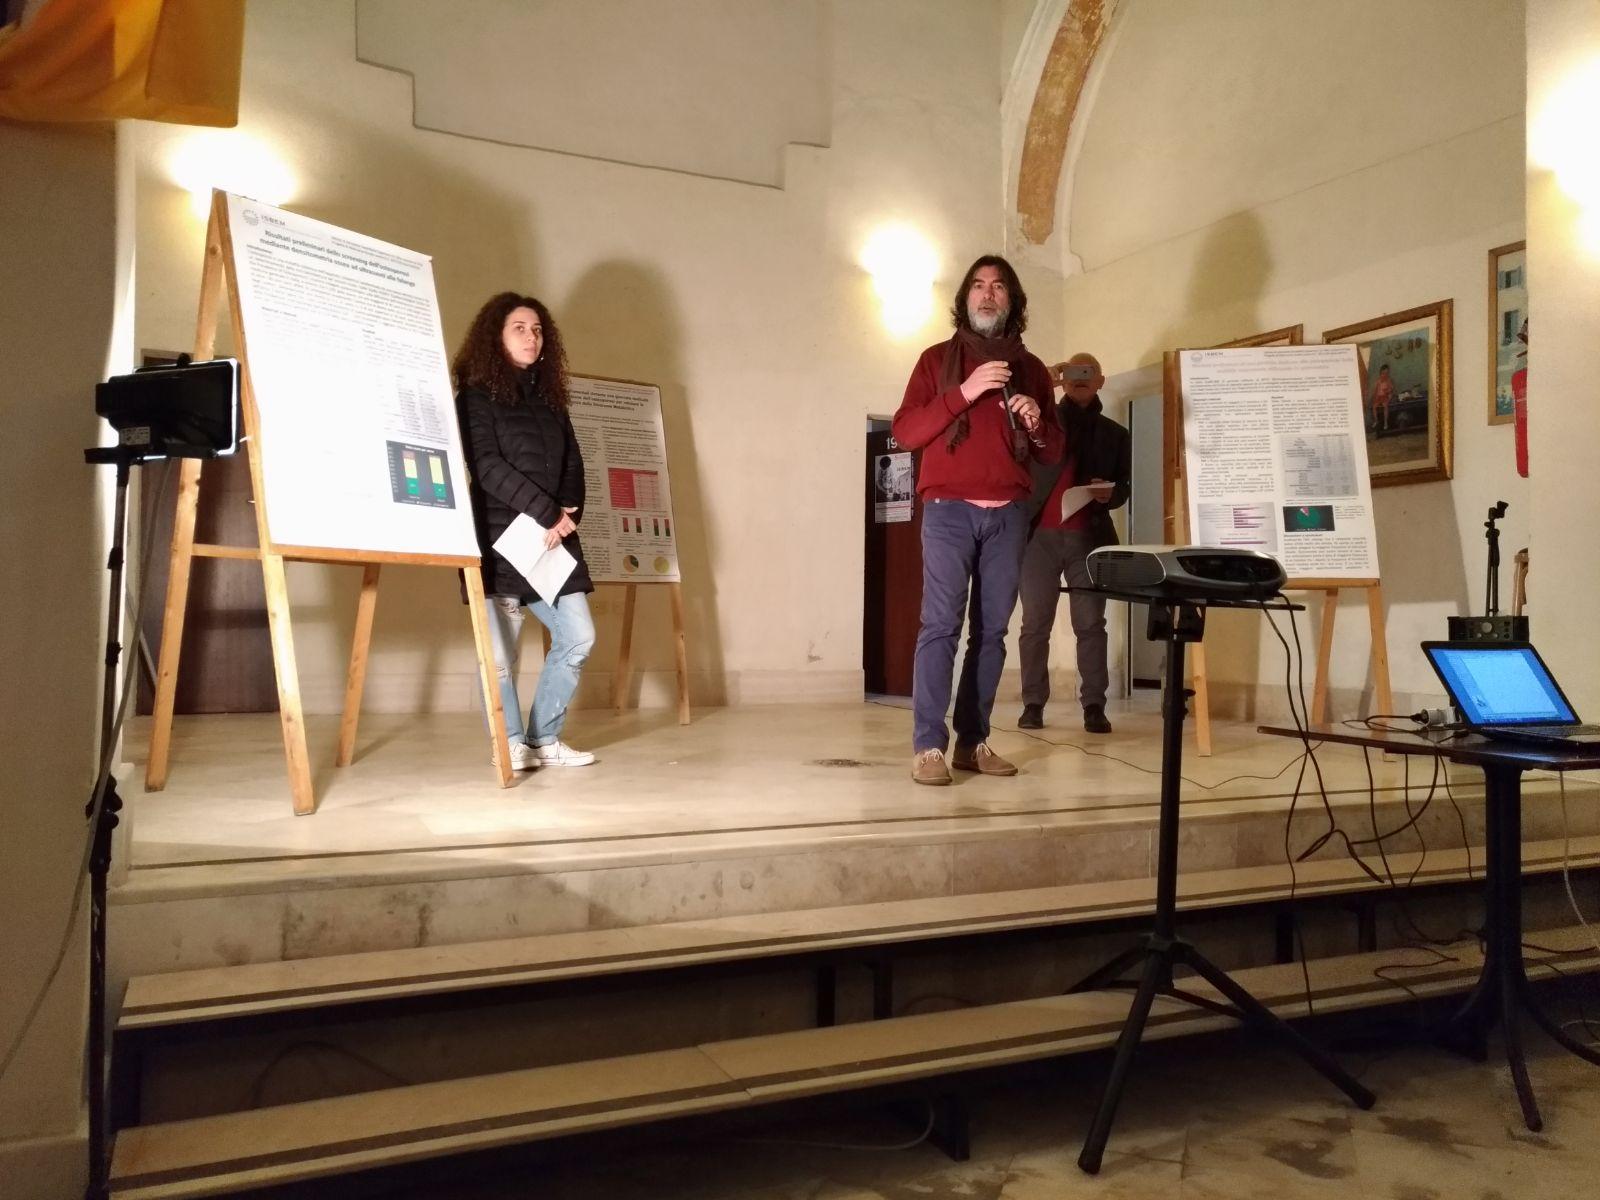 Presentati i risultati dell'esperienza di alternanza Scuola-Lavoro presso l'ISBEM di Mesagne